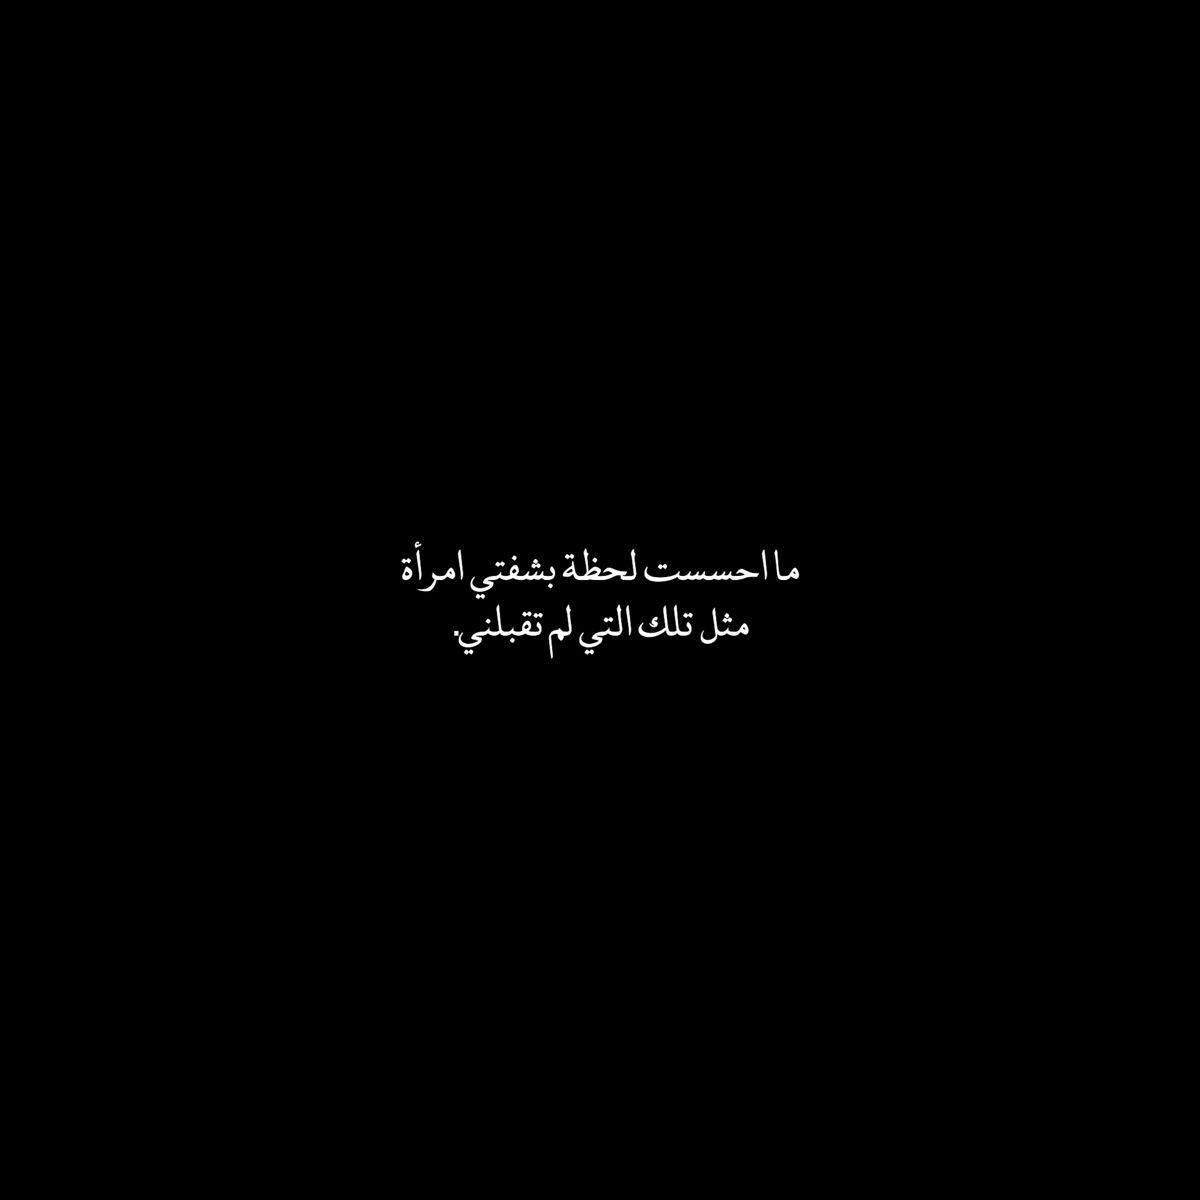 اقتباسات رمزيات كتاب كتابات تصاميم تصميم اغاني عرس حنيت حنين بغداد افلام اجنب Wisdom Movie Posters Poster